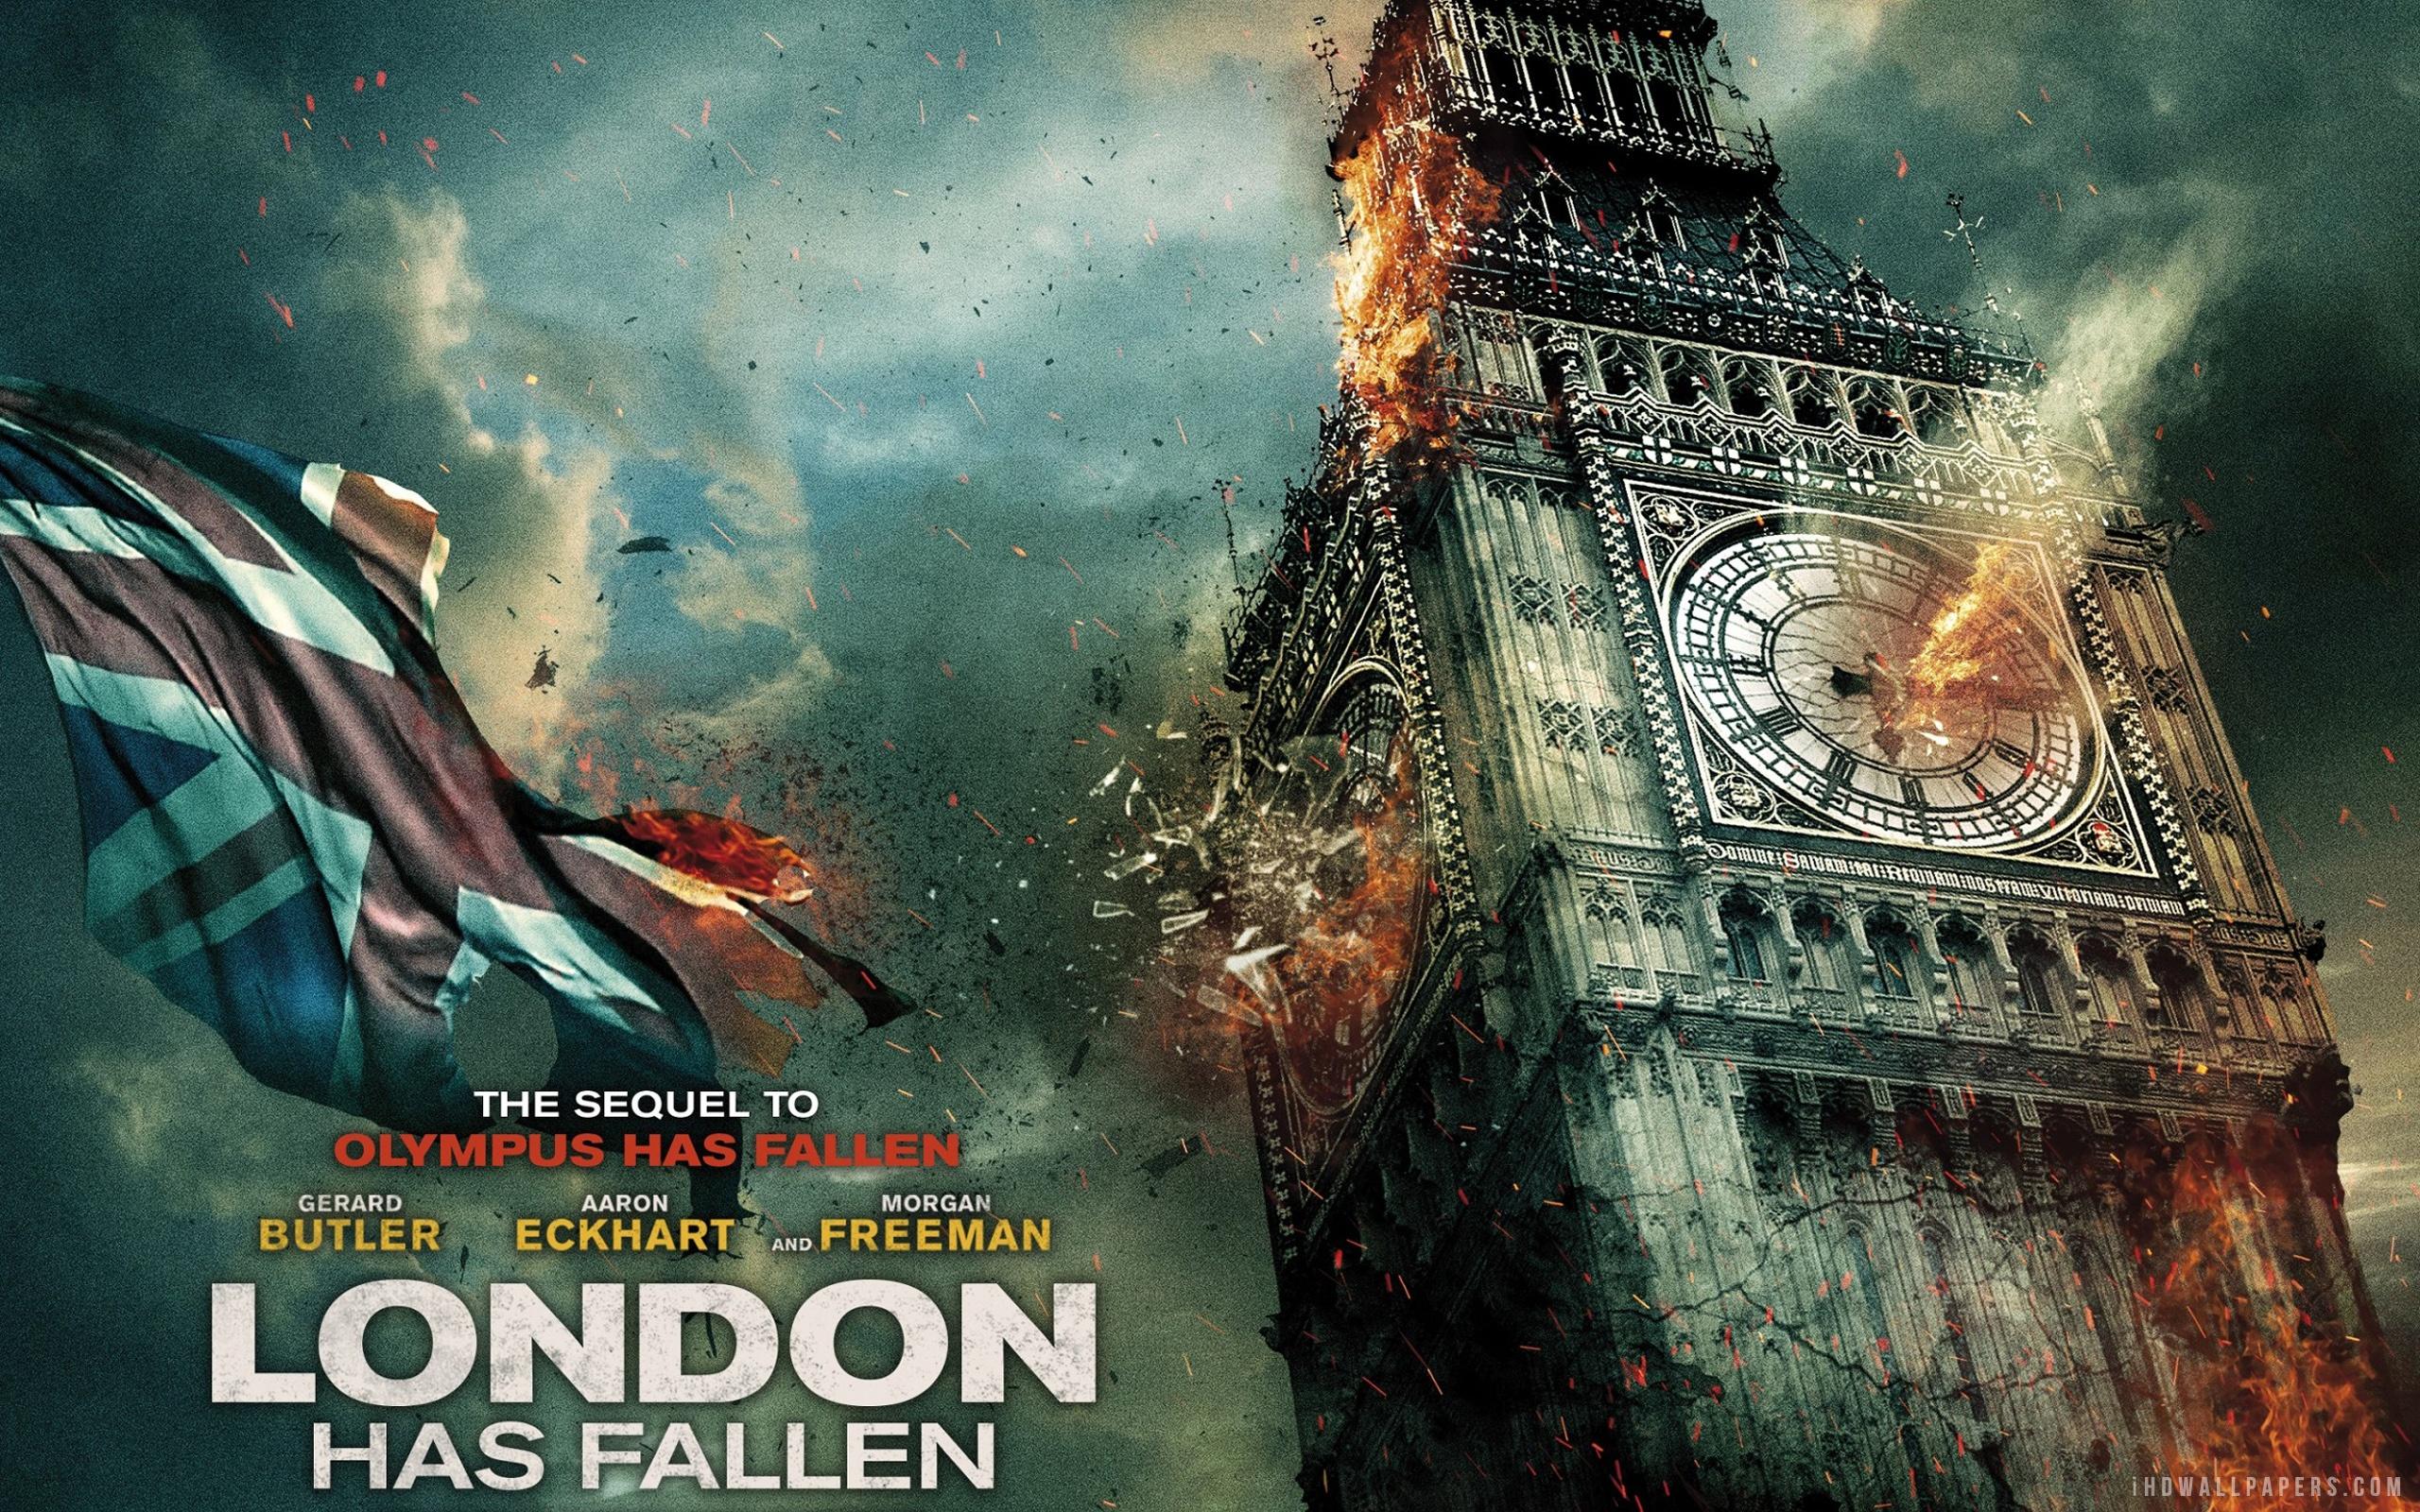 London Has Fallen Wallpaper 2560x1600